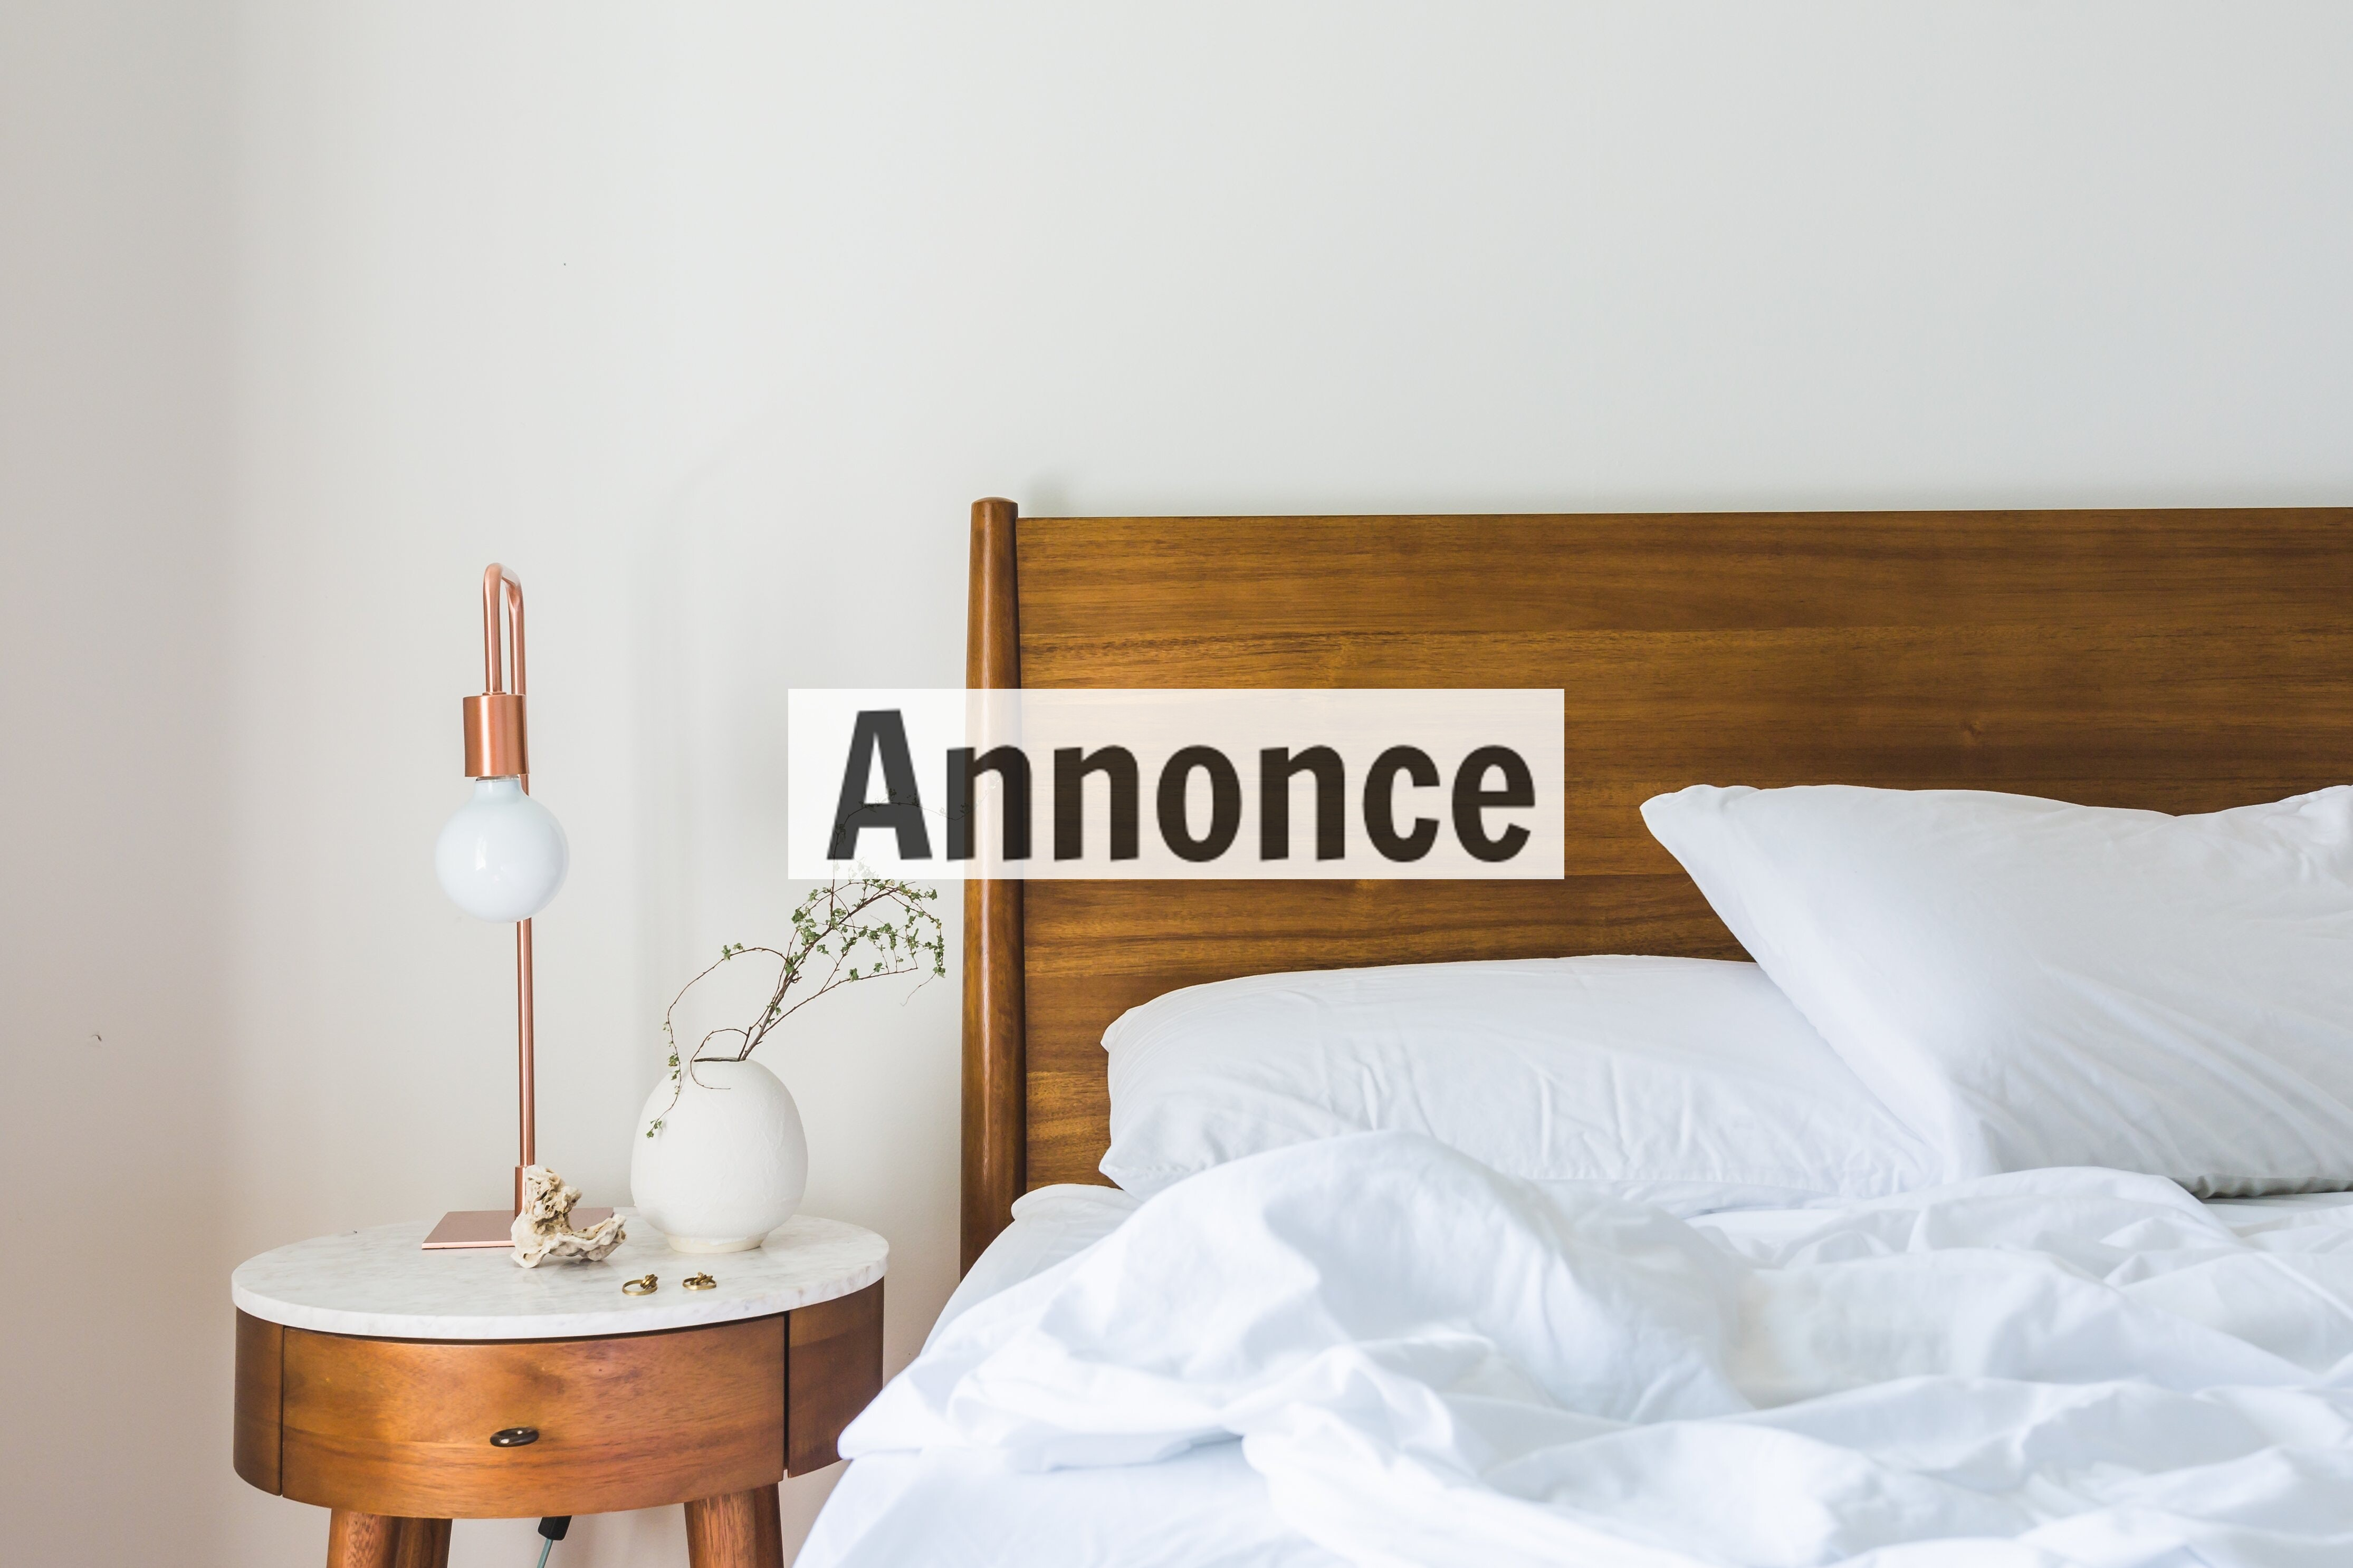 Sådan kan du få dit soveværelse til at inspirere dig til bedre stil